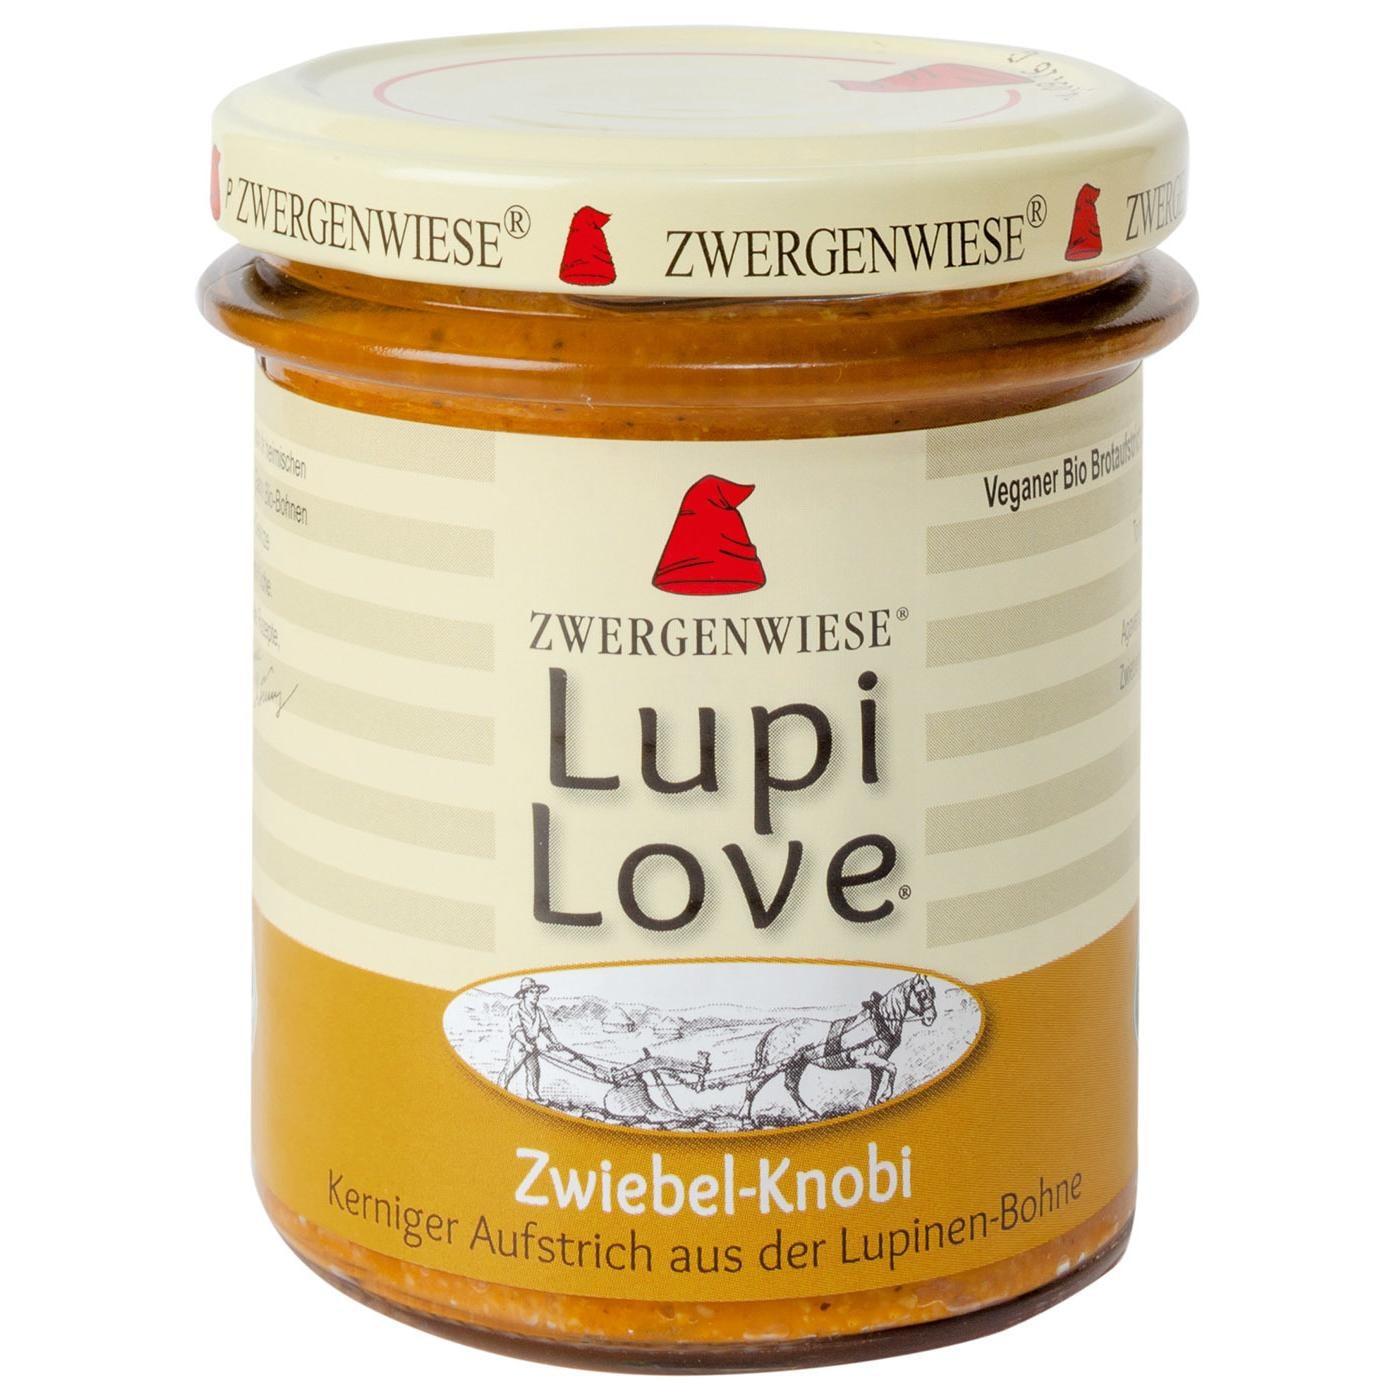 Zwergenwiese Bio Zwiebel-Knobi Aufstrich Lupi Love 165g